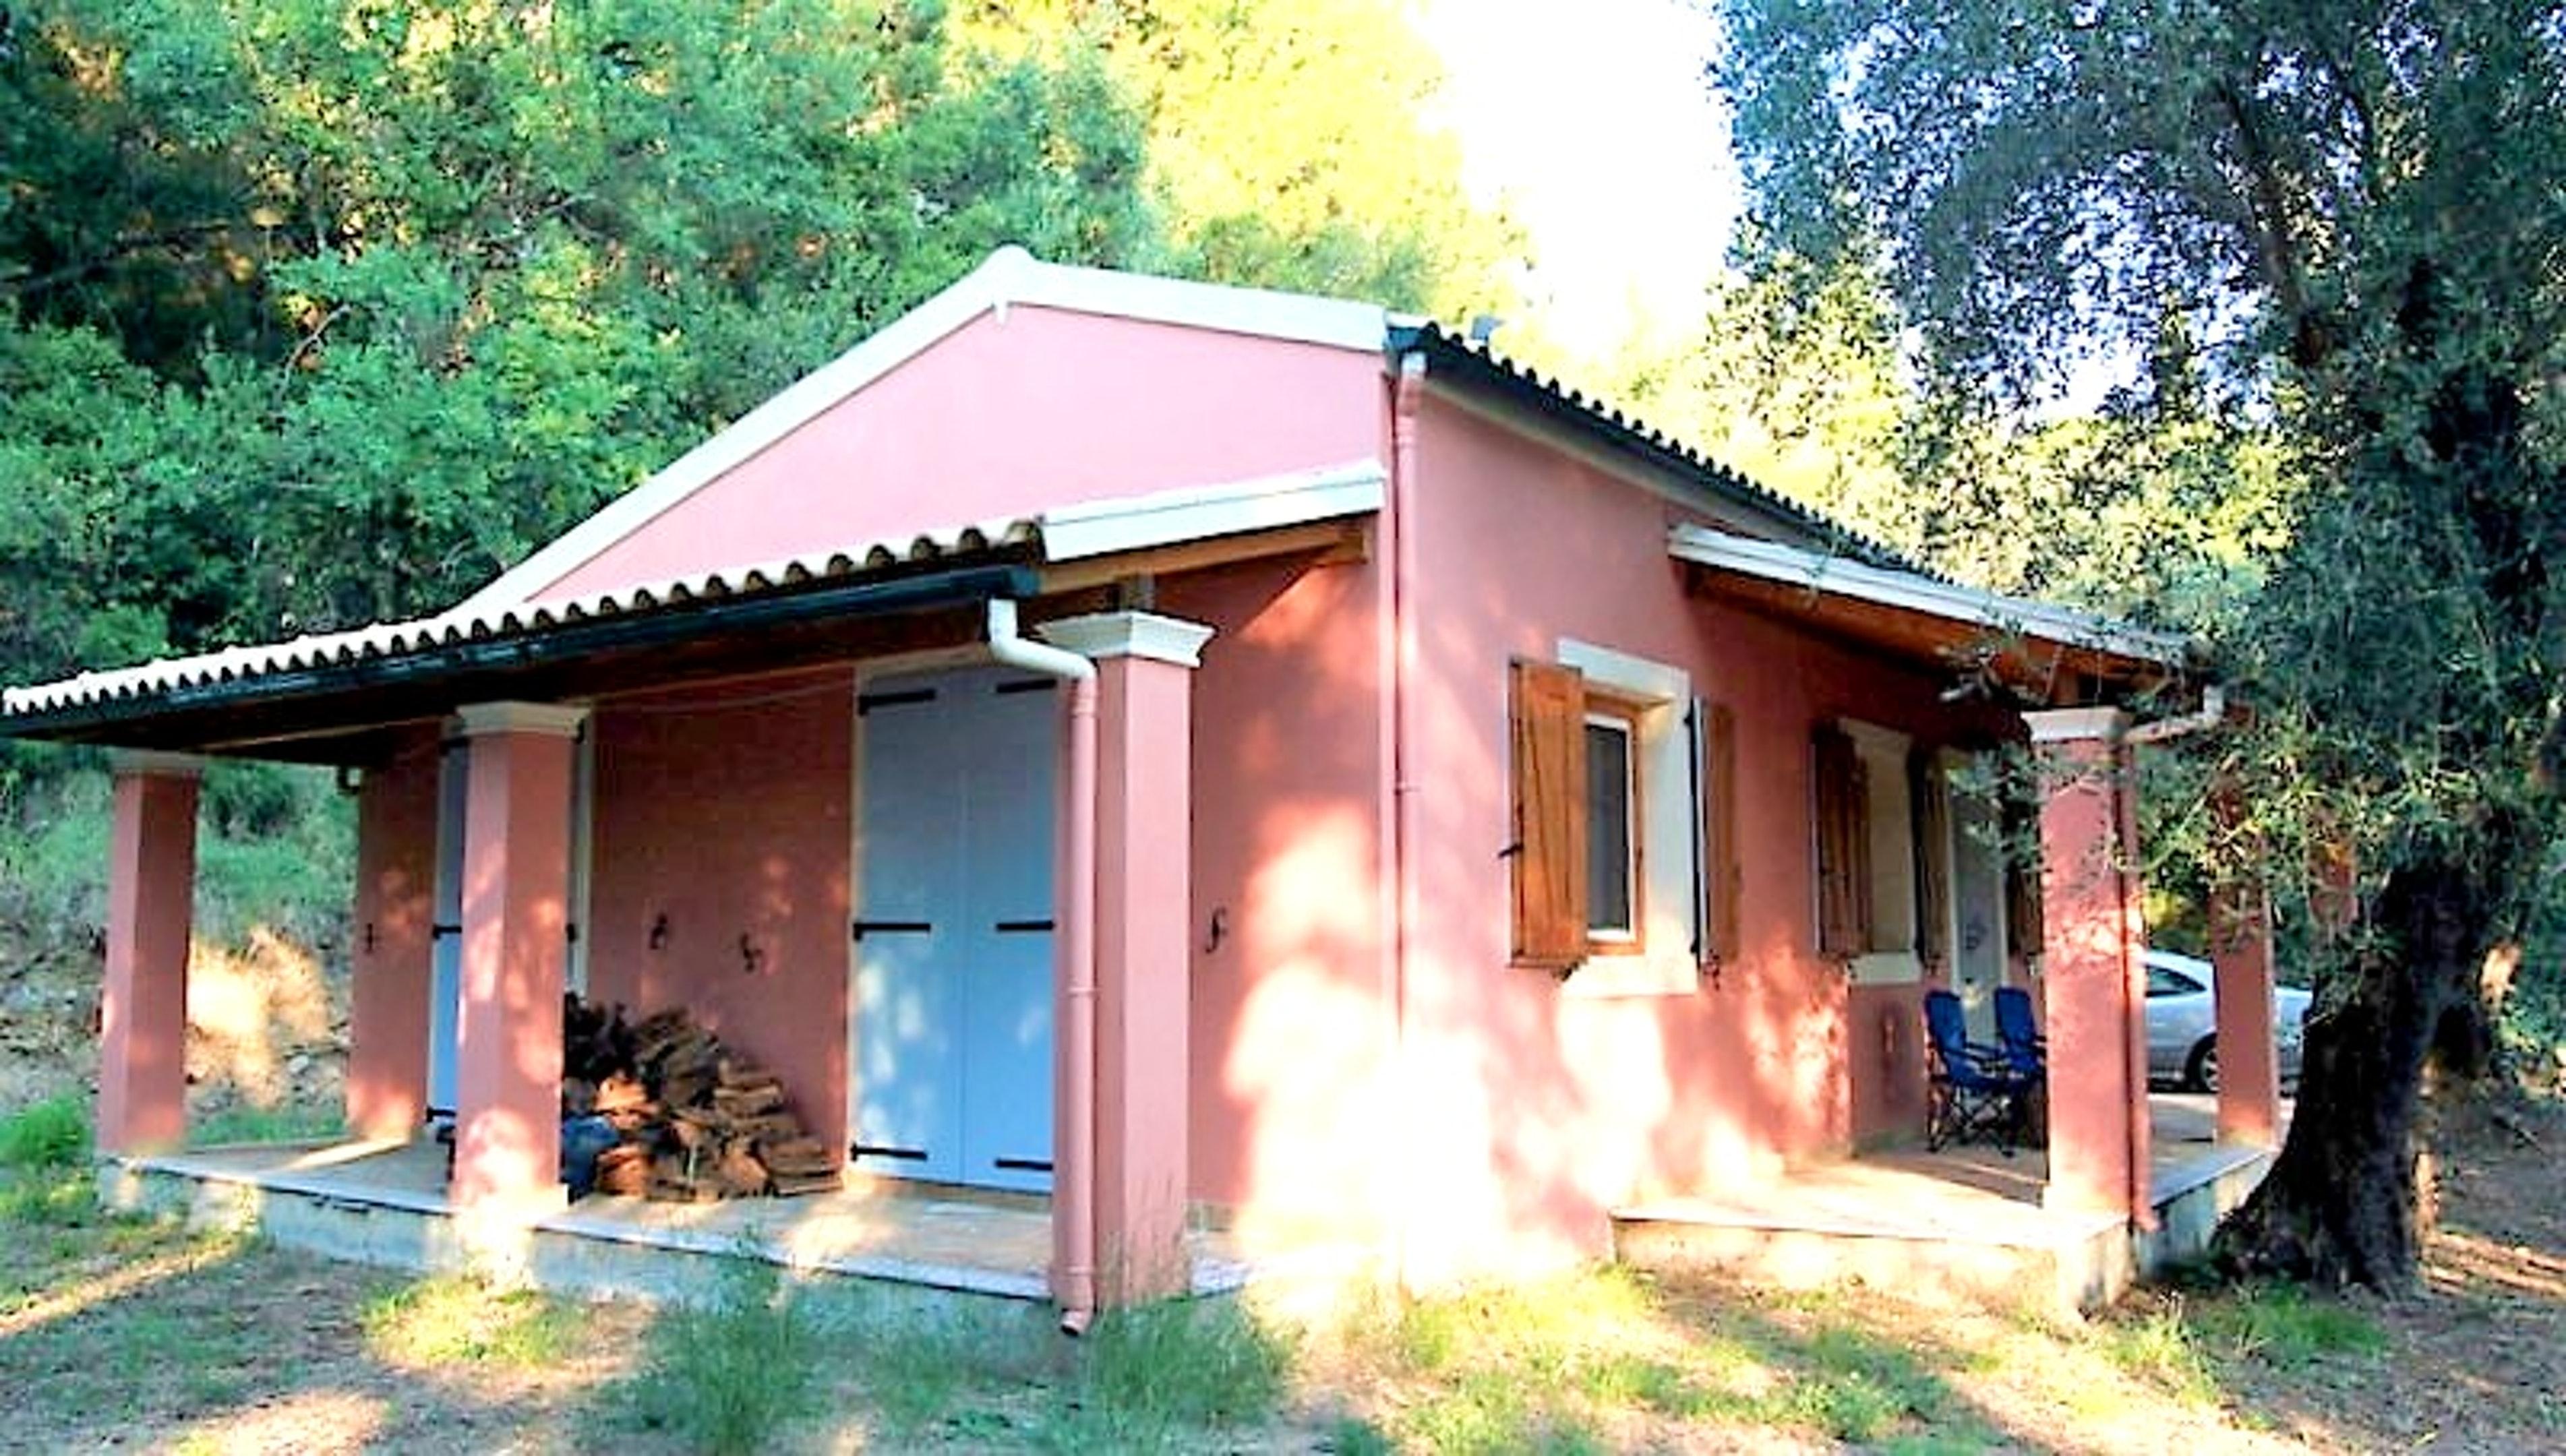 Maison de vacances Haus mit 2 Schlafzimmern in Corfou mit toller Aussicht auf die Berge (2202447), Moraitika, Corfou, Iles Ioniennes, Grèce, image 3